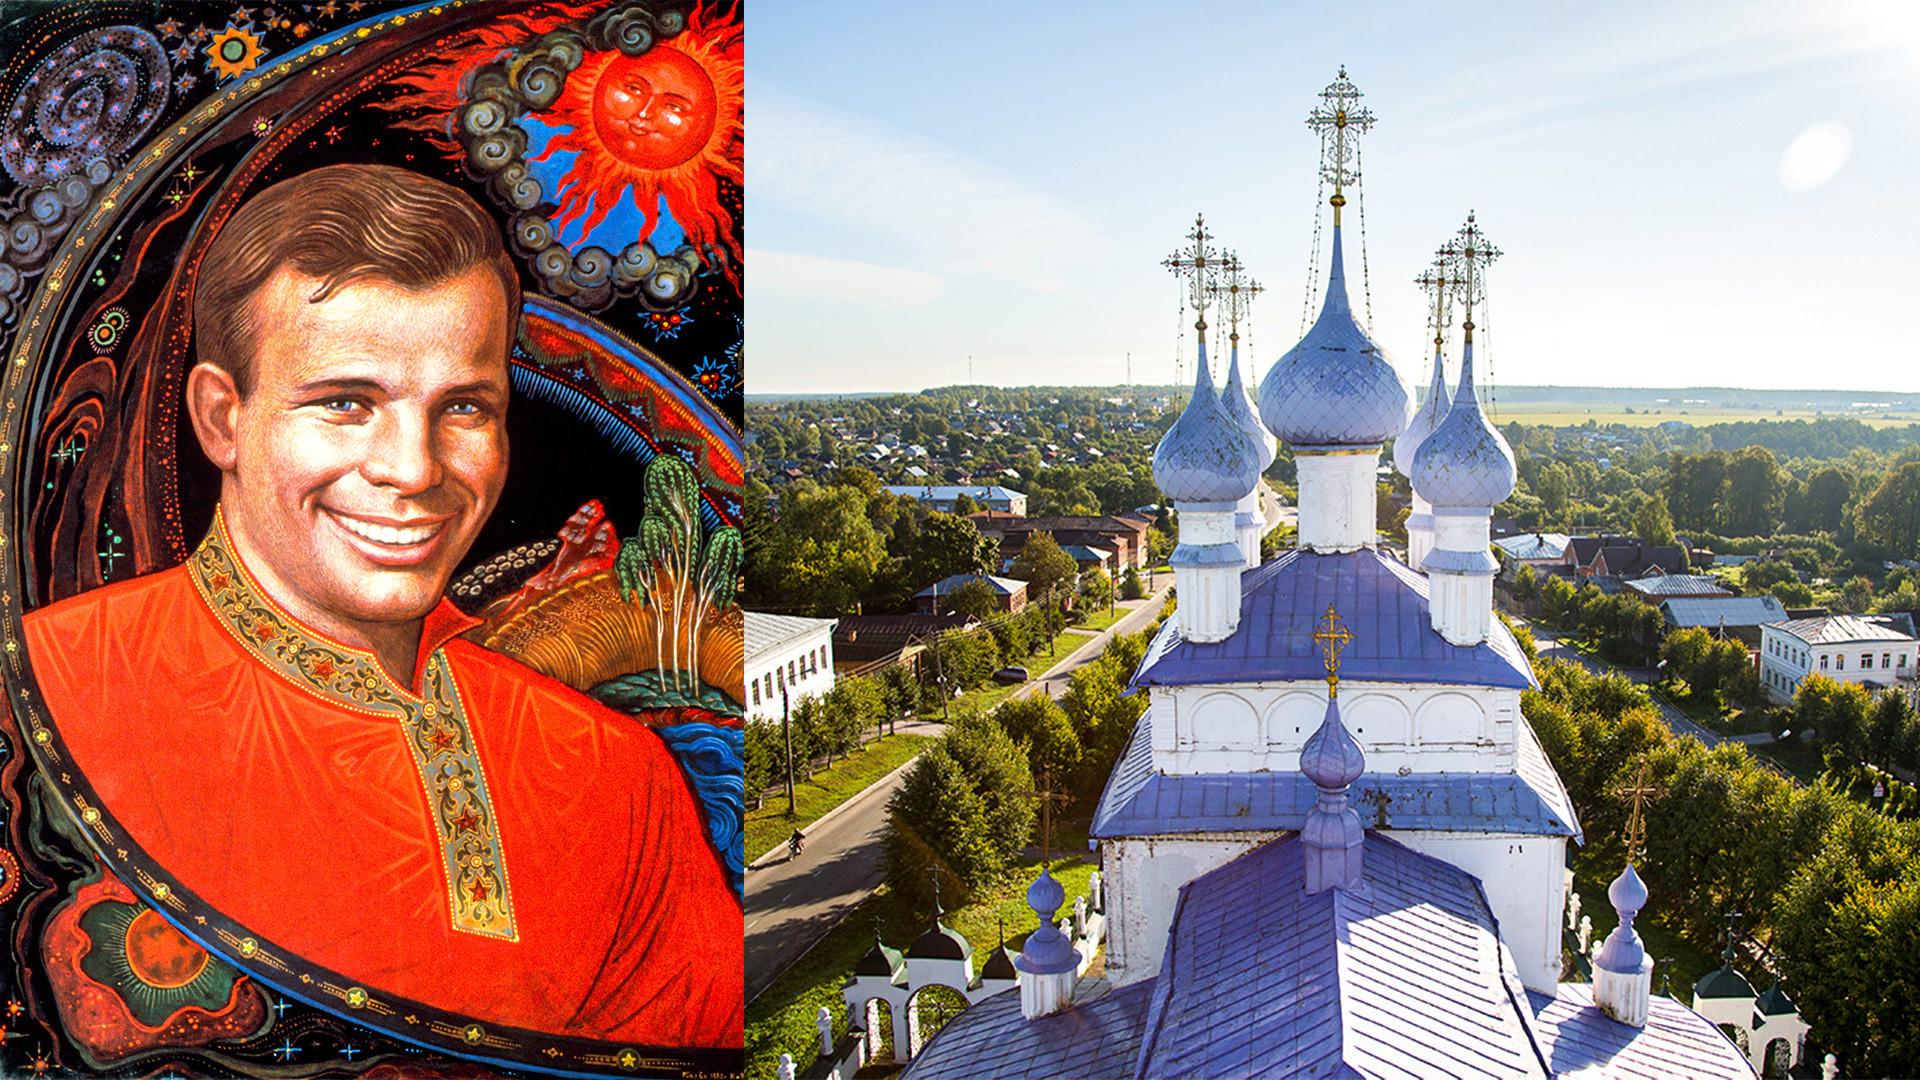 Современный Палех - это сочетание традиций и новых идей. Здесь можно увидеть портрет Юрия Гагарина в стиле старинных мастеров, а главную площадь украшает православный храм с лиловыми куполами.